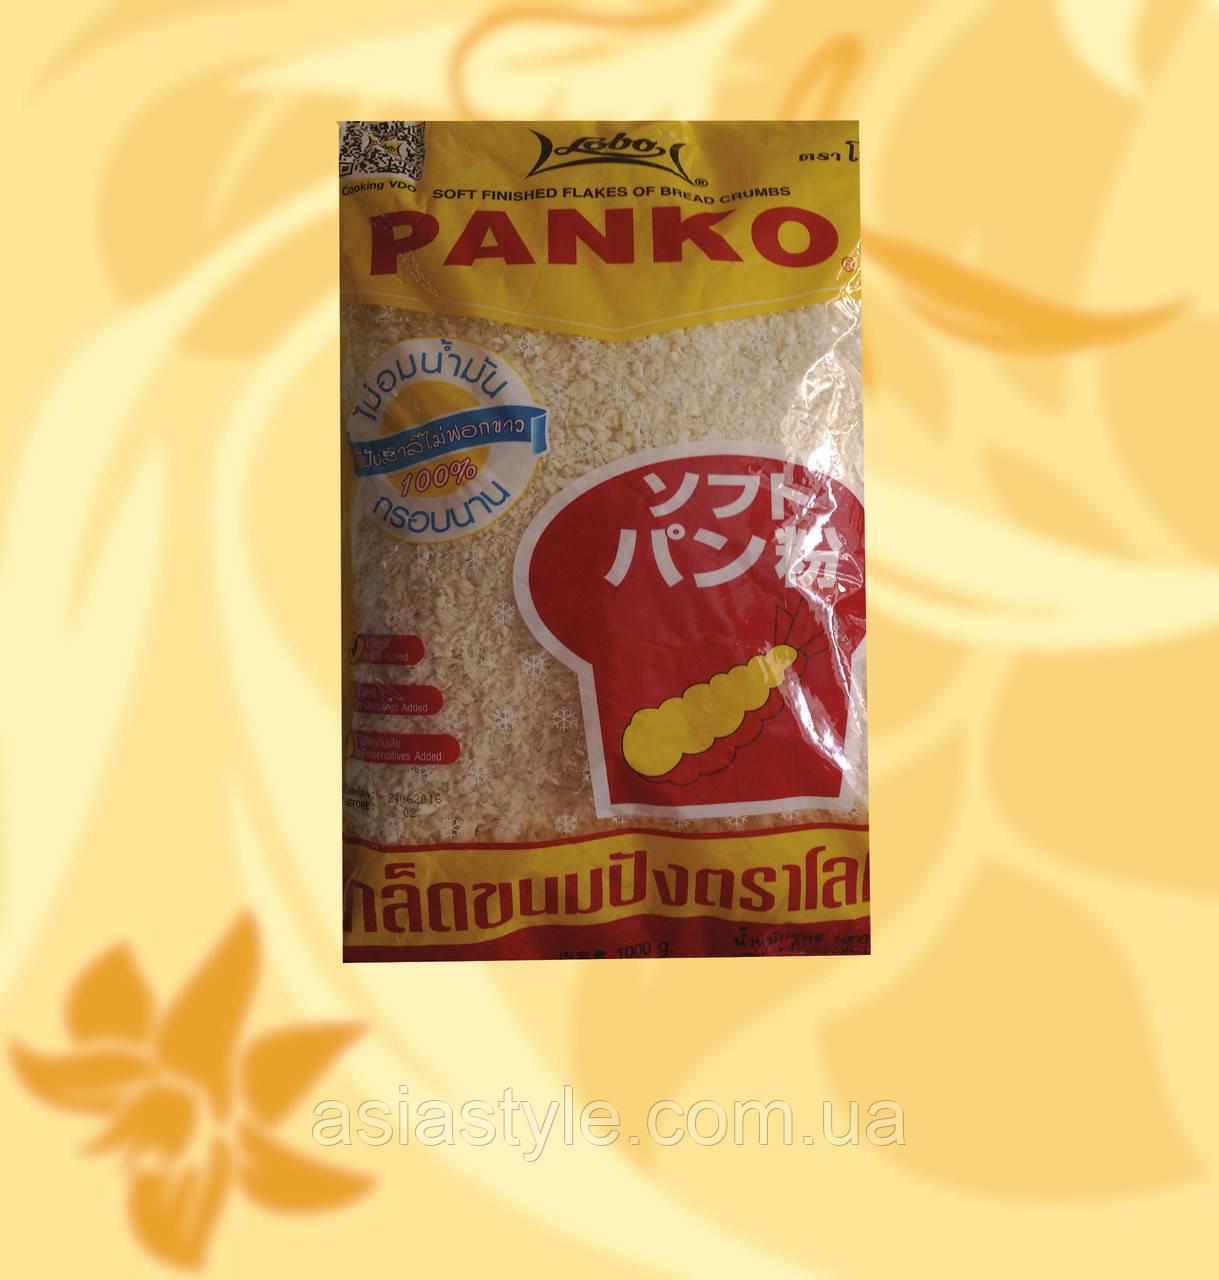 """Панірувальні сухарі """"Панко"""" (вищий сорт), 1кг, Дж"""